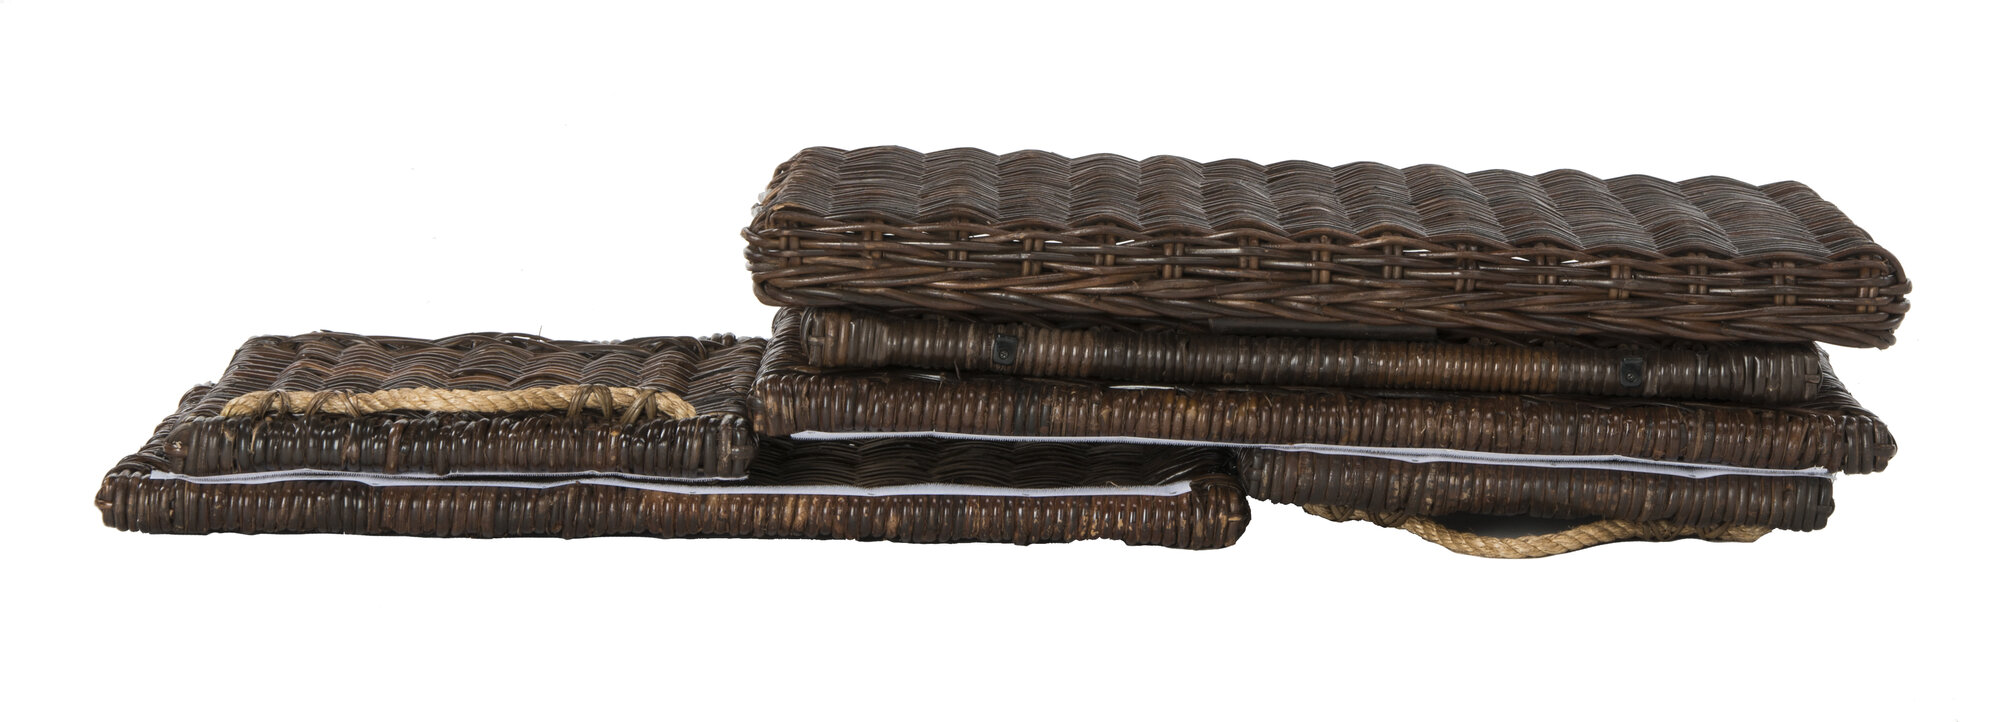 Highland Dunes Altagore Wicker Storage Trunk | eBay